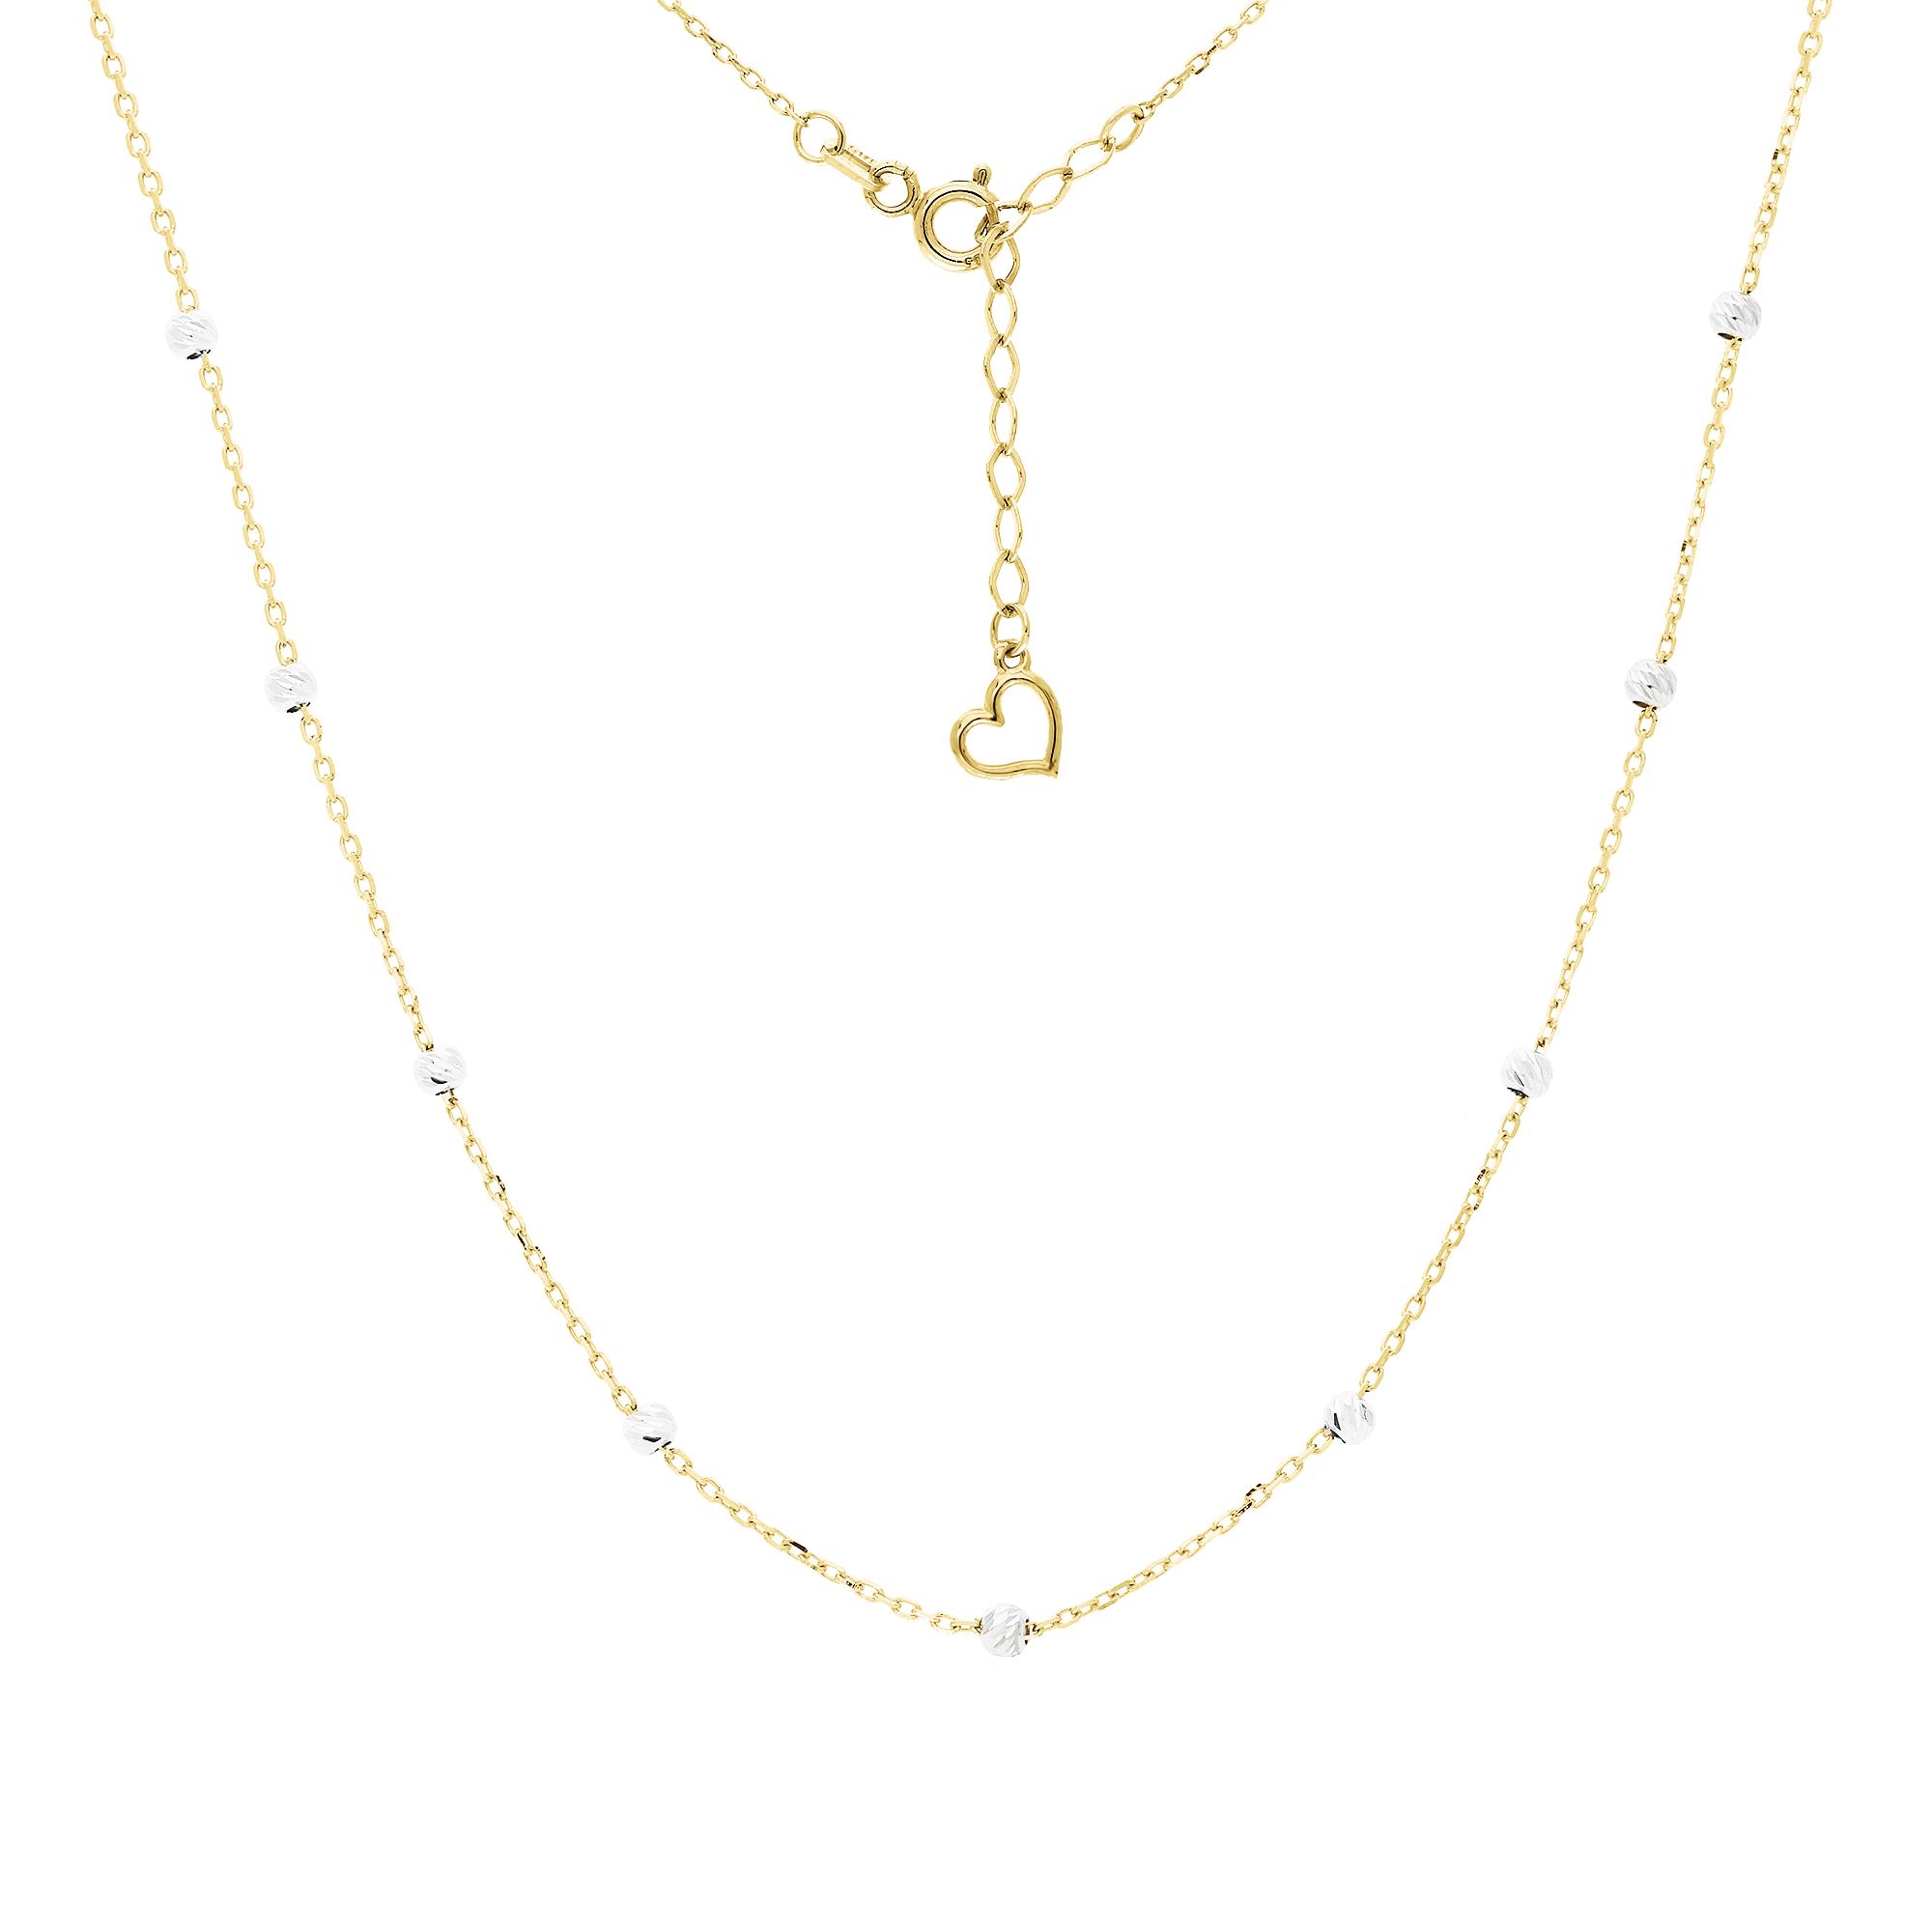 Harf M-116N-GZW-X-KL - biżuteria